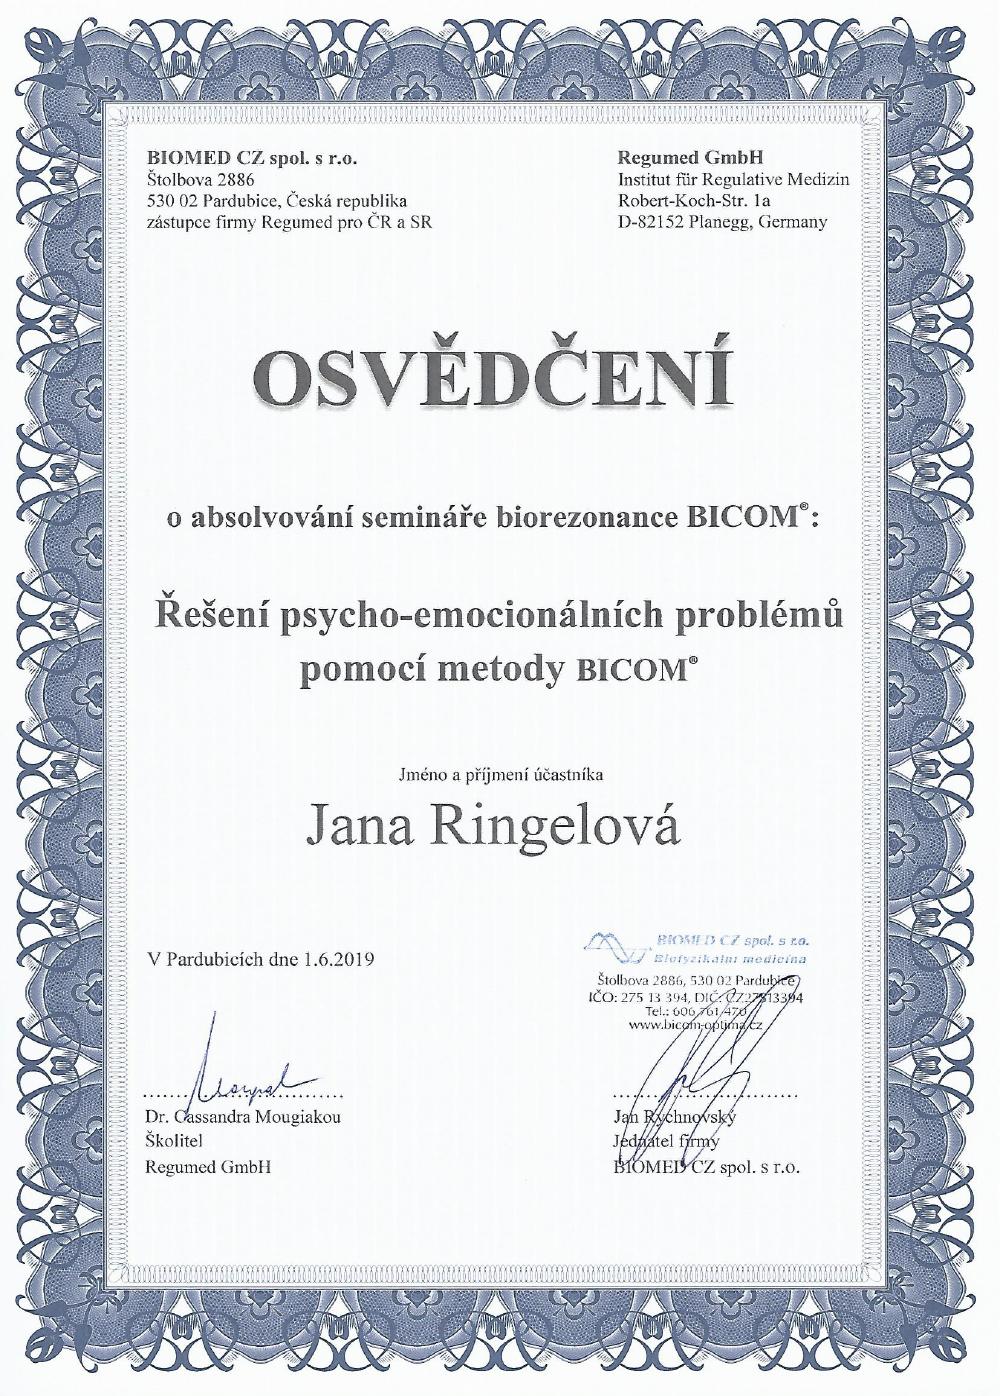 Seminář o řešení psycho-emocionálních problémů pomocí metody BICOM